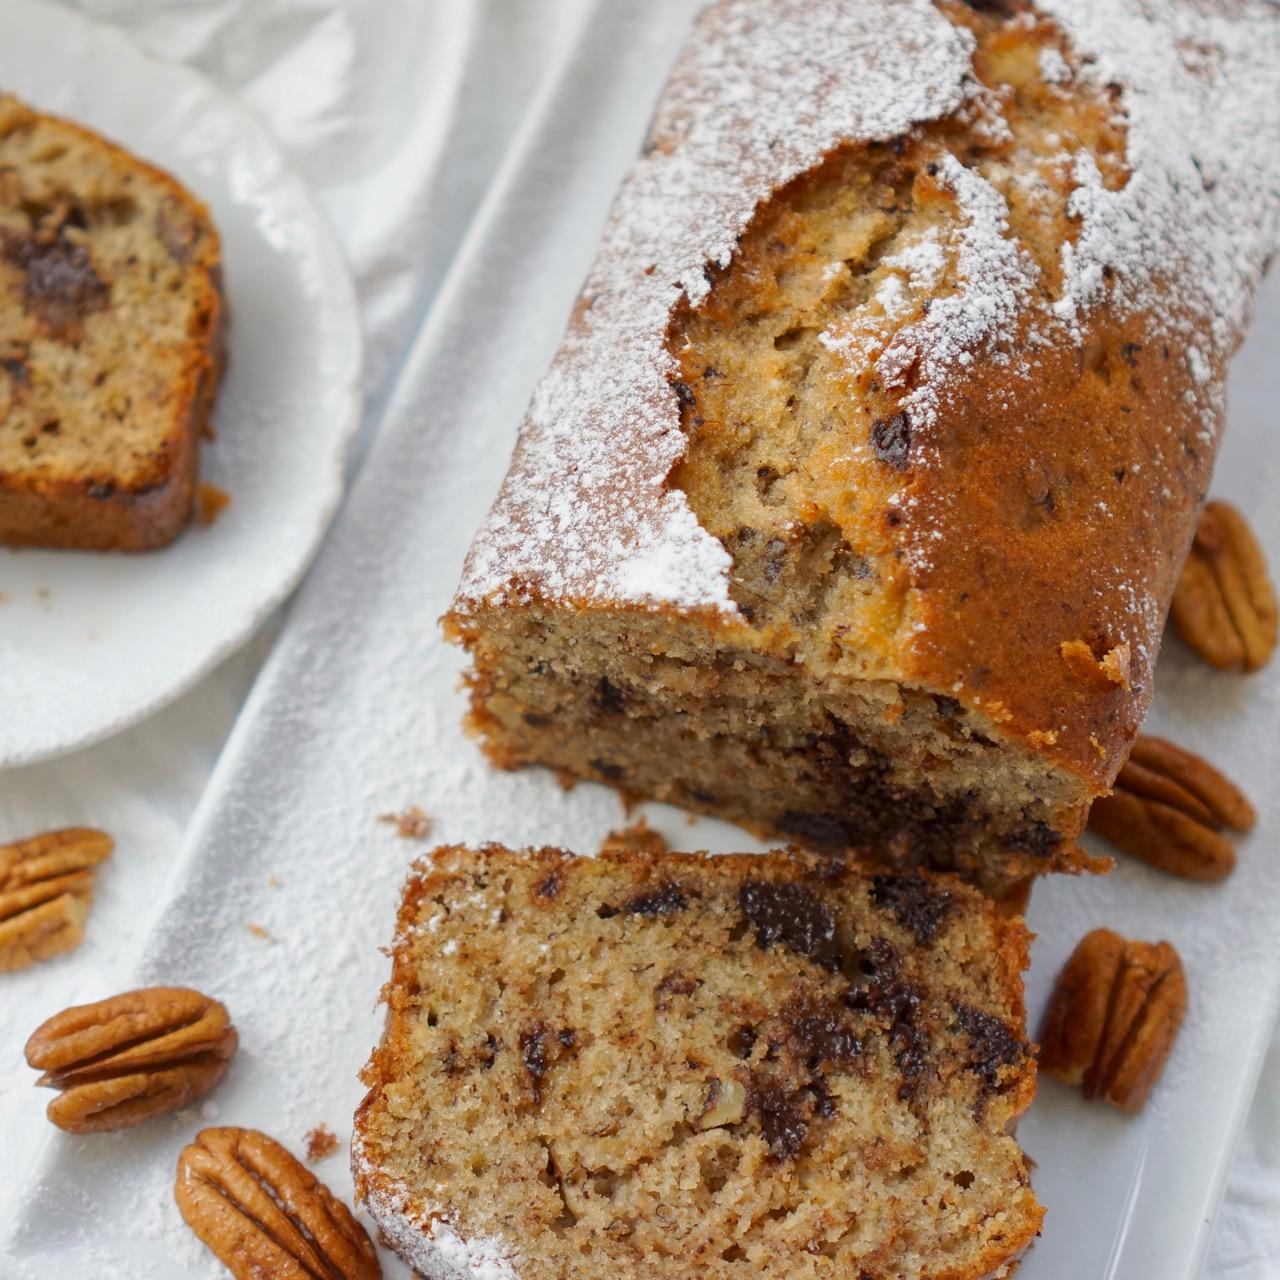 עוגת בננות ושוקולד מונחת על מגש מלבני ופקאנים מסביב